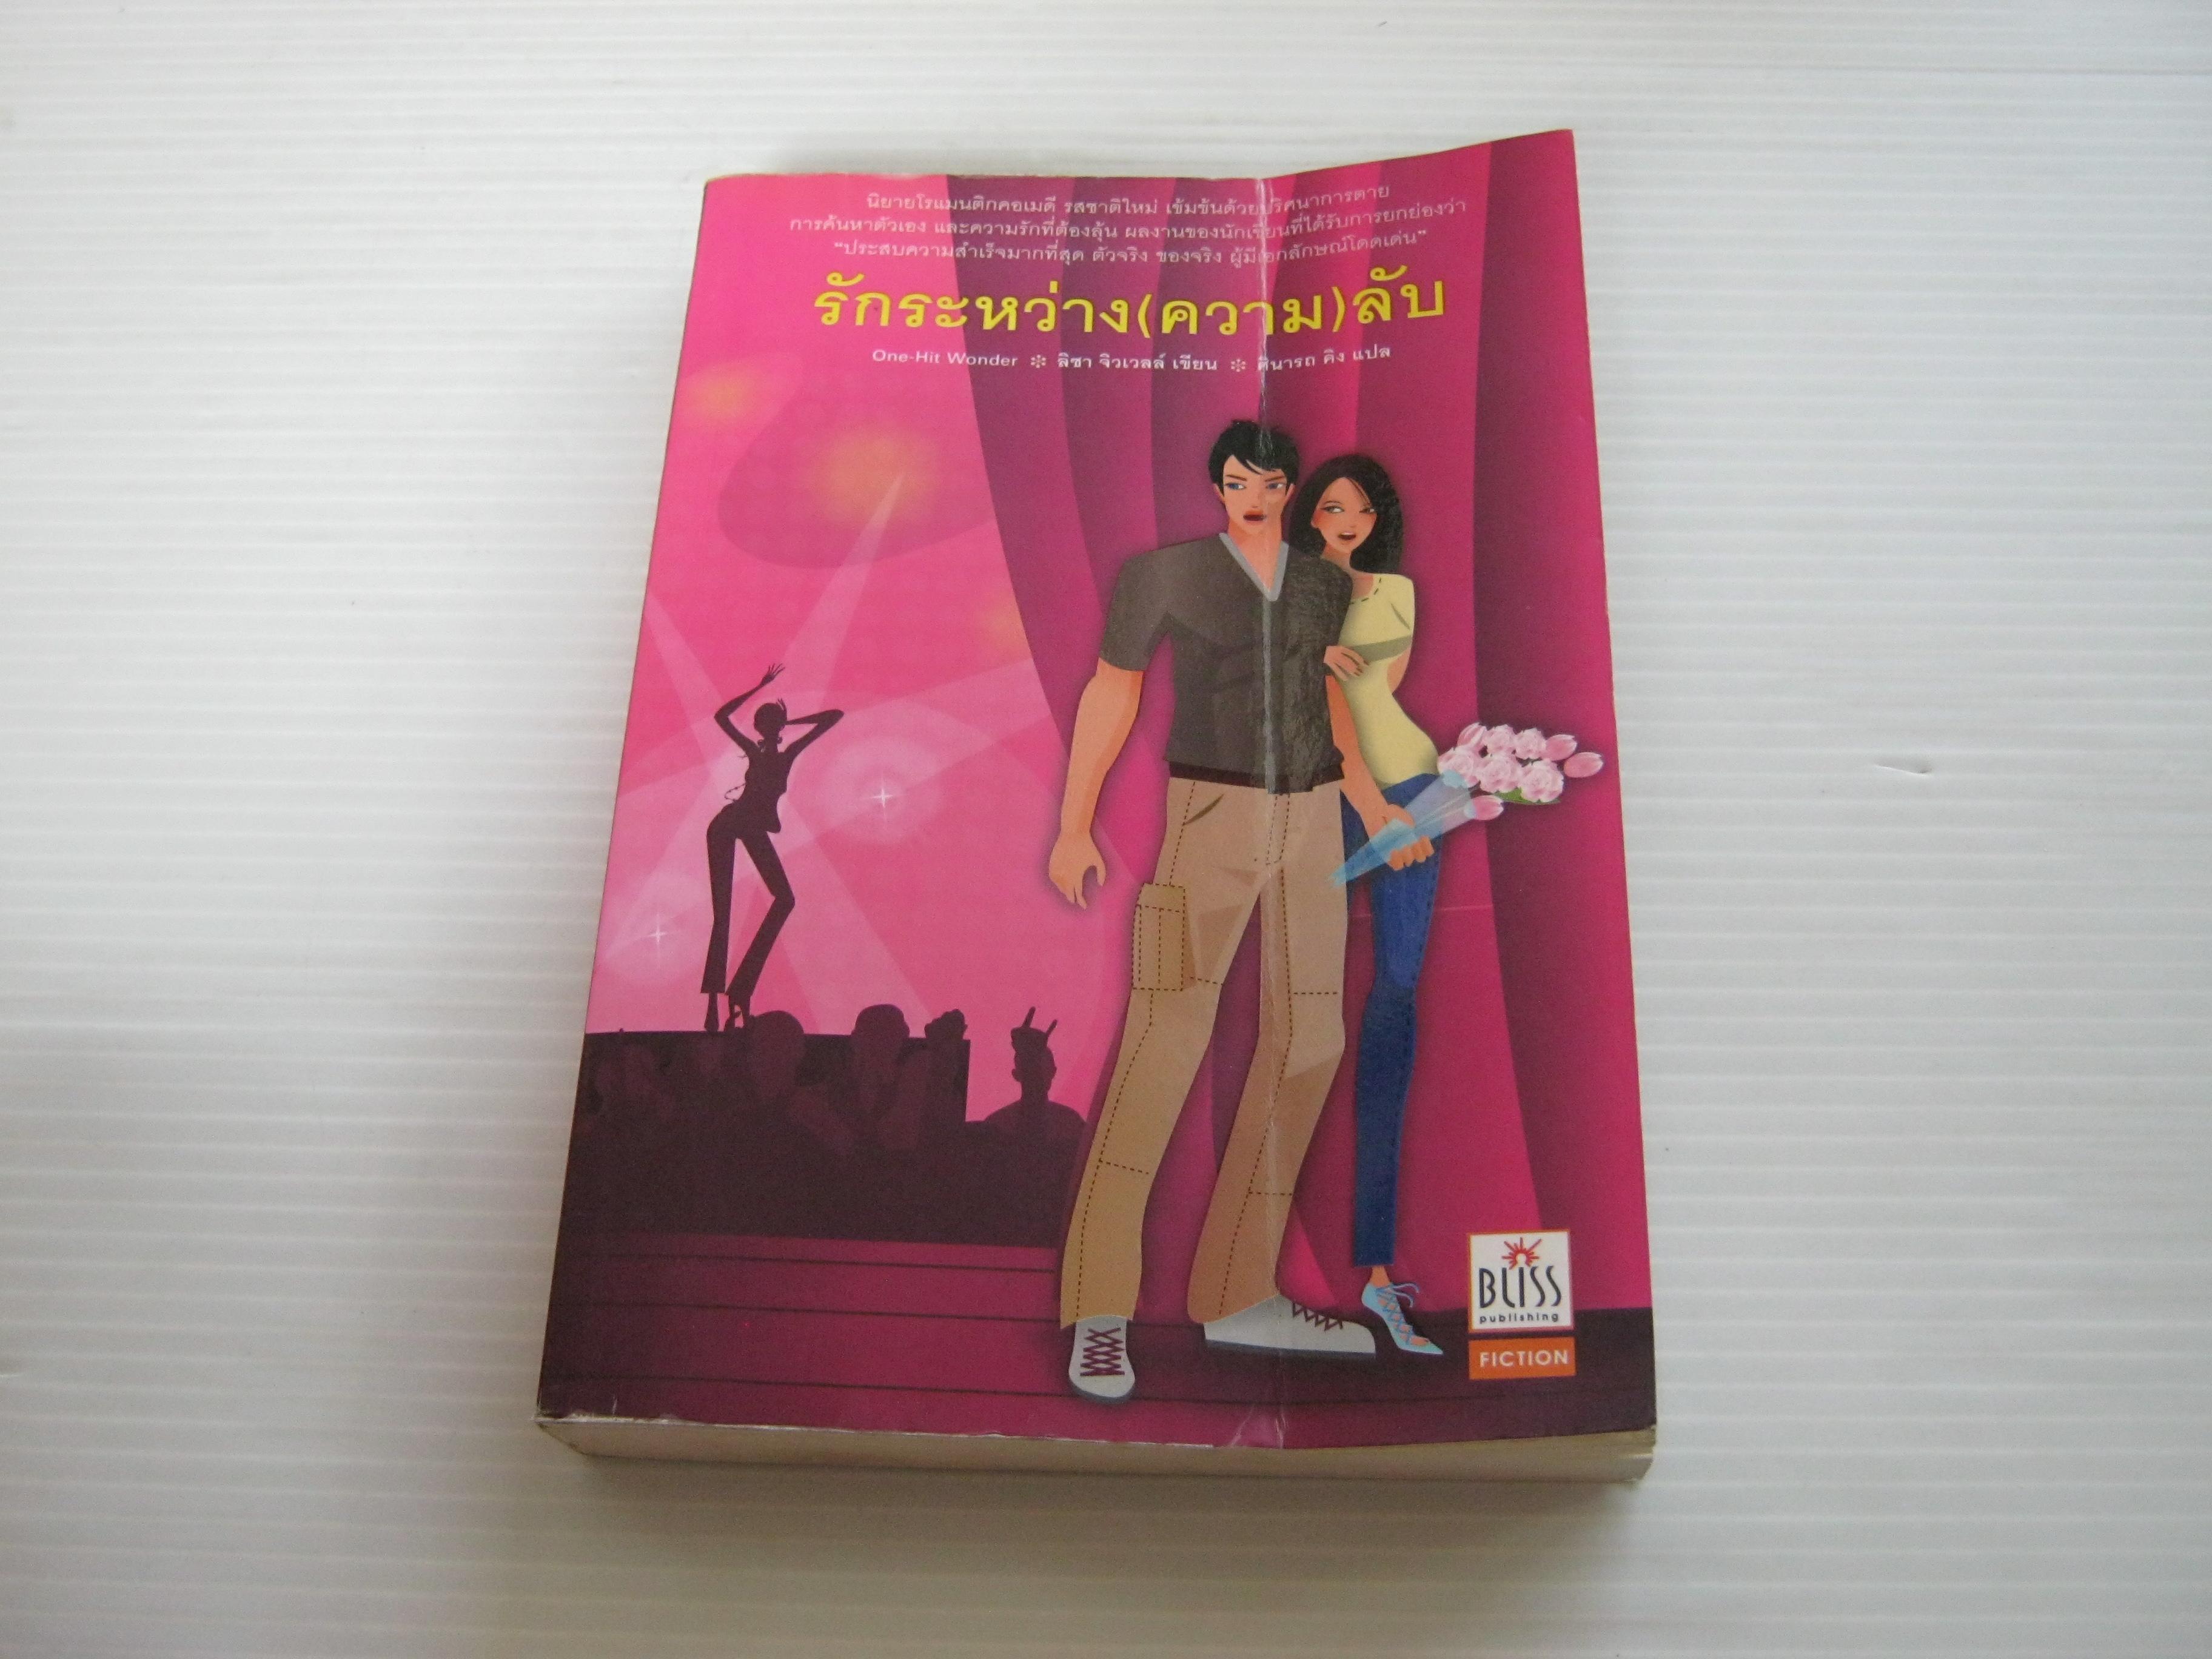 รักระหว่าง (ความ) ลับ พิมพ์ครั้งที่ 2 ลิซา จิวเวลล์ เขียน ศินารถ คิง แปล